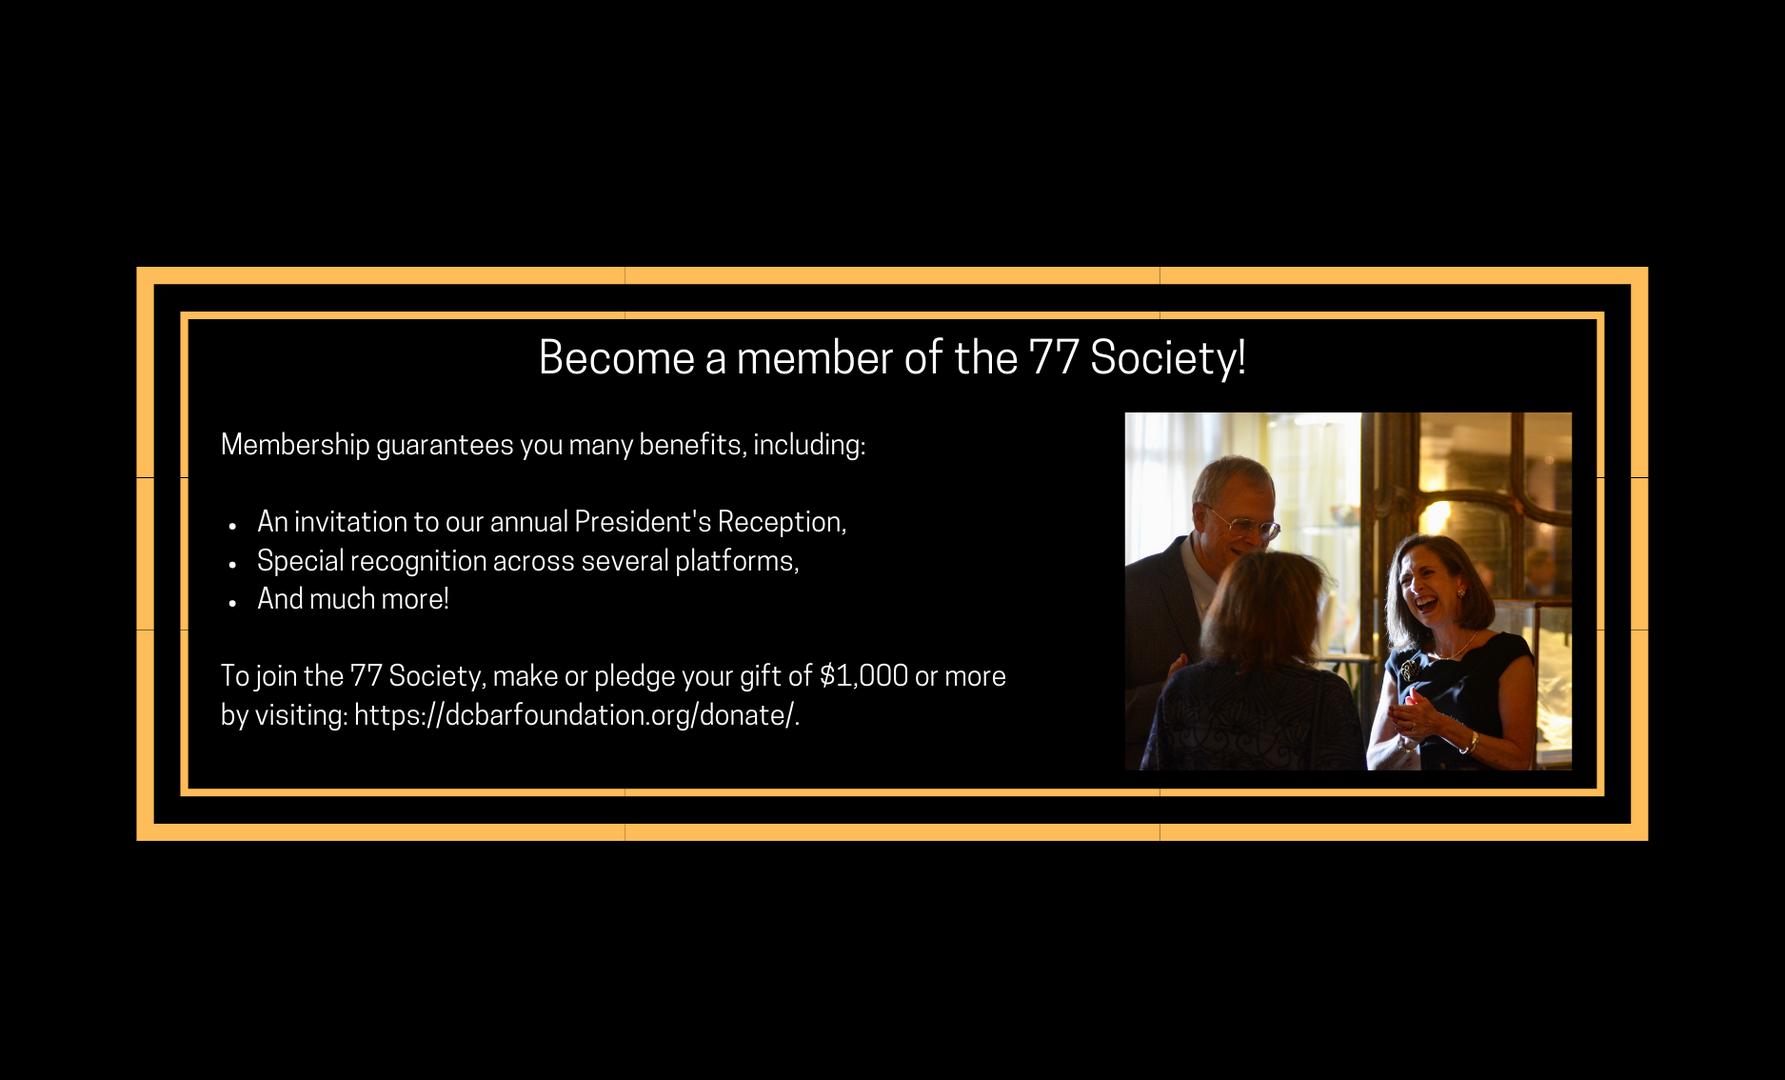 The 77 Society